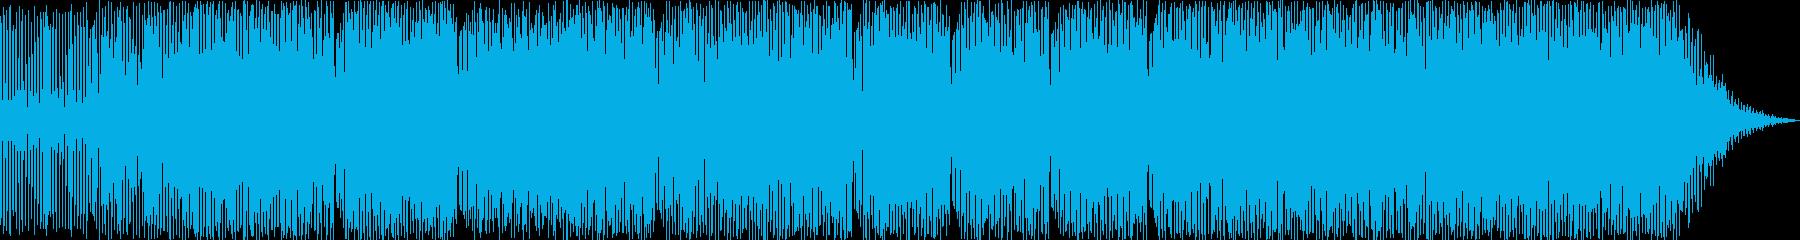 軽快なラテンハウスの再生済みの波形